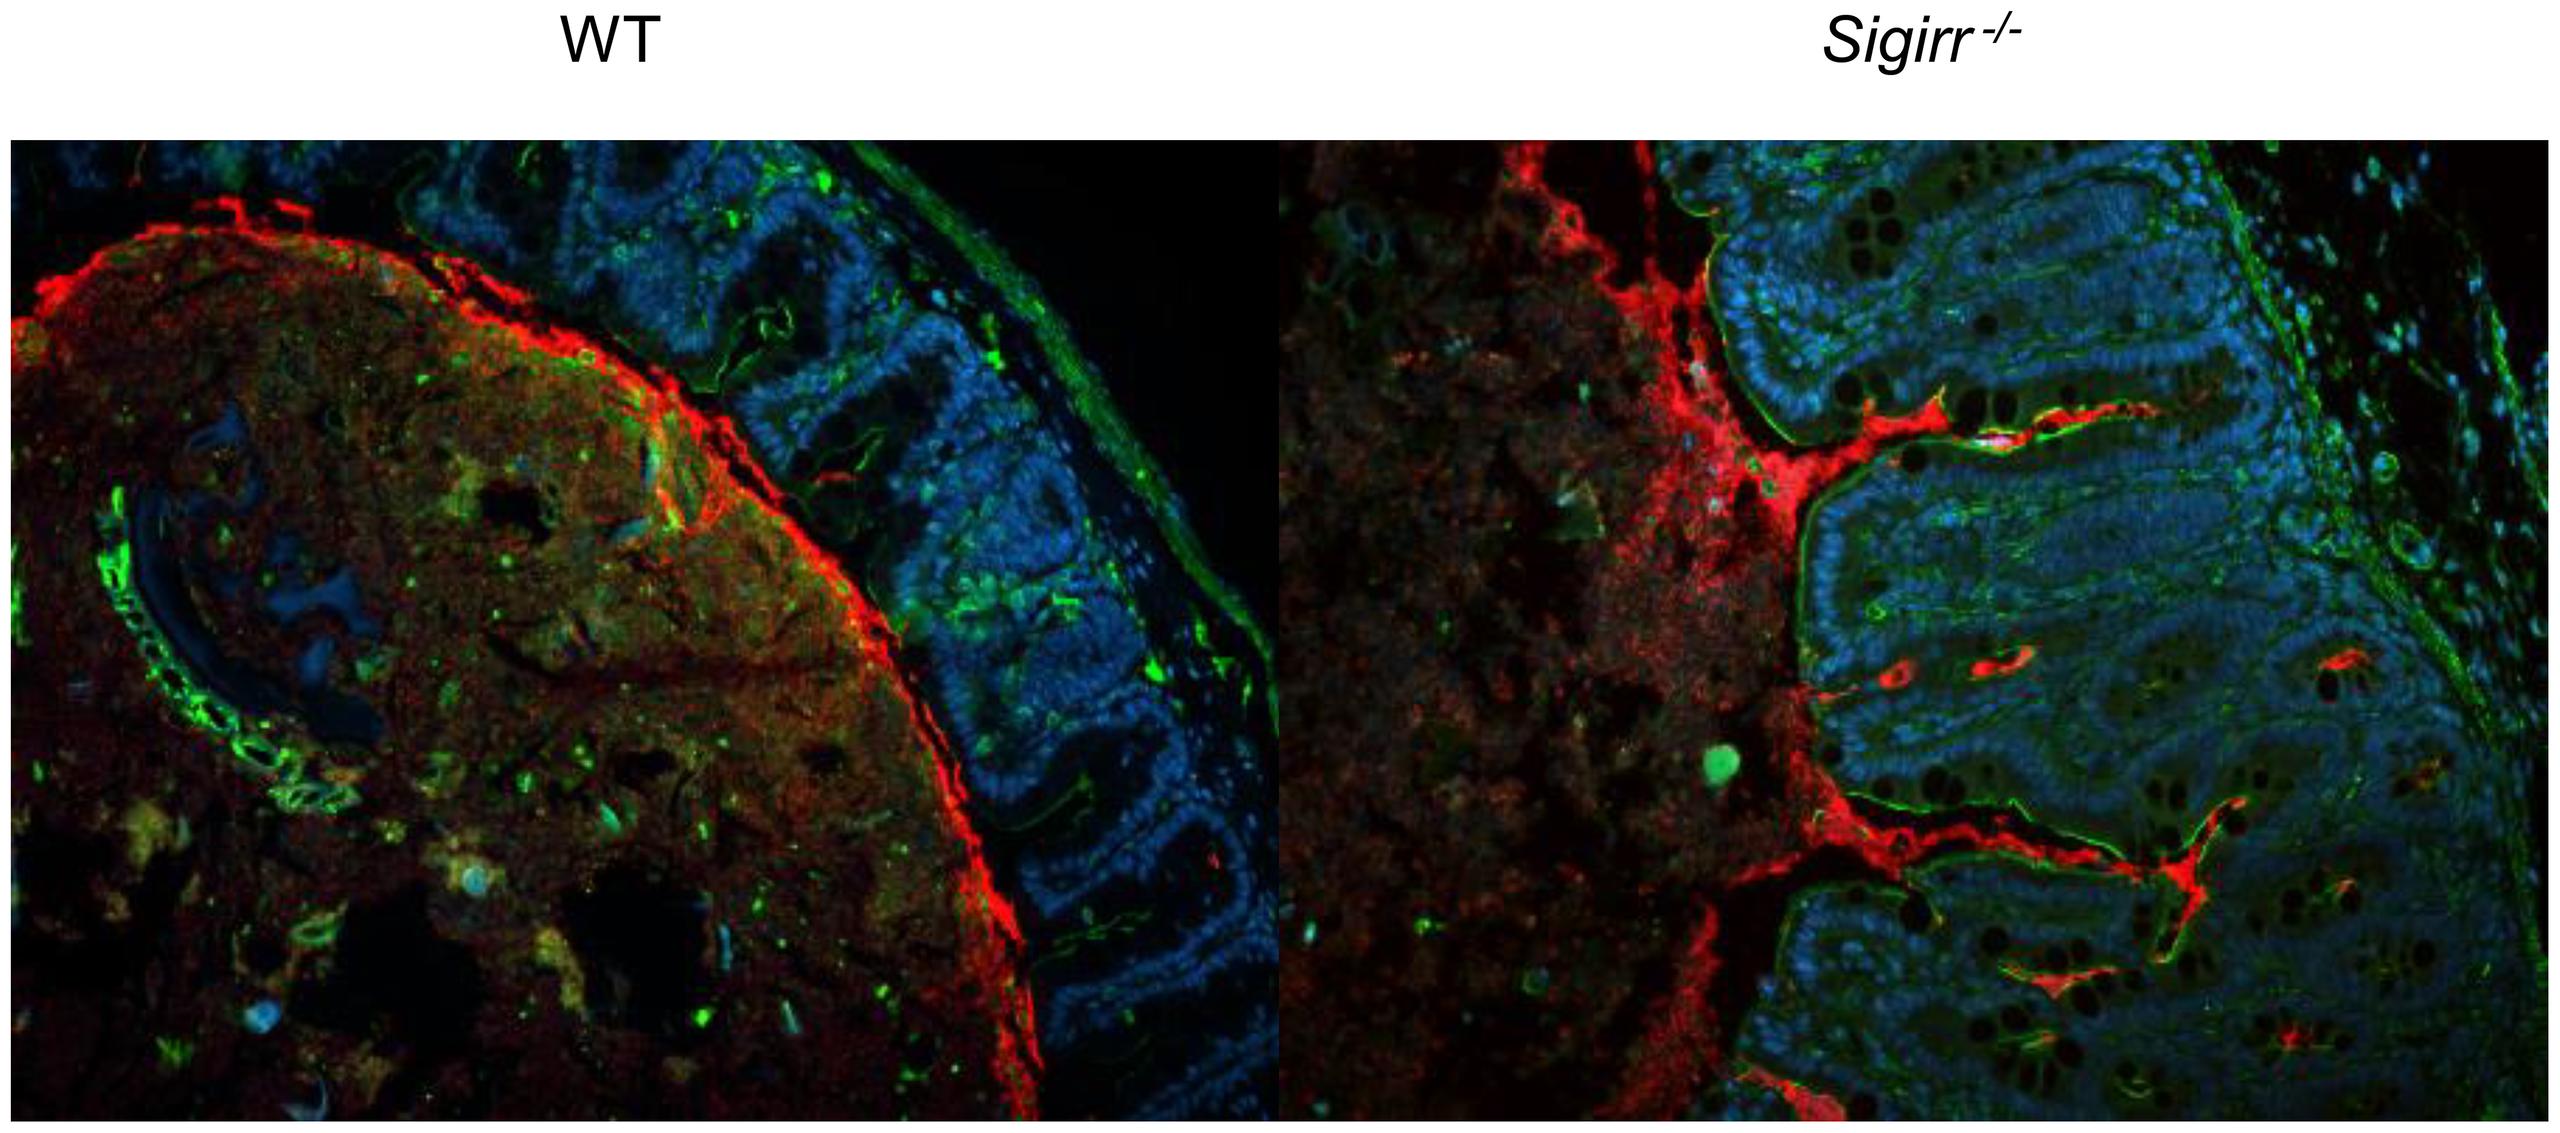 Immunofluorescence staining of <i>C. jejuni</i> cecal colonization <i>in vivo</i>.